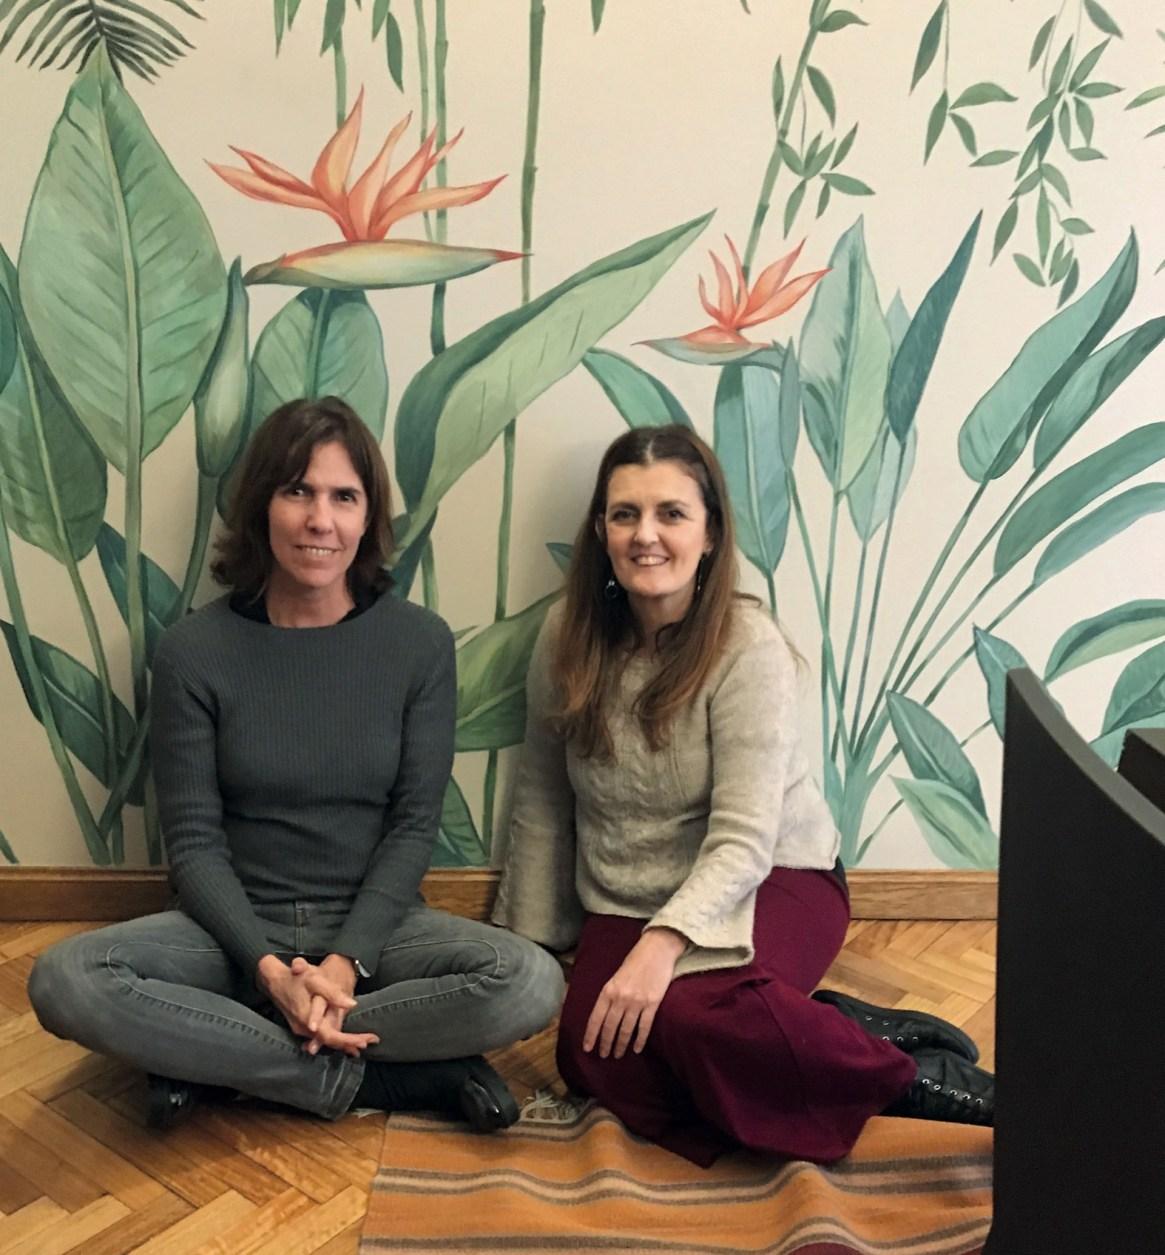 Paca Robirosa y Cecilia Ibarguren, satisfechas delante del trabajo terminado: las estrelitzias son parte de un mural que pintaron en el 2018.